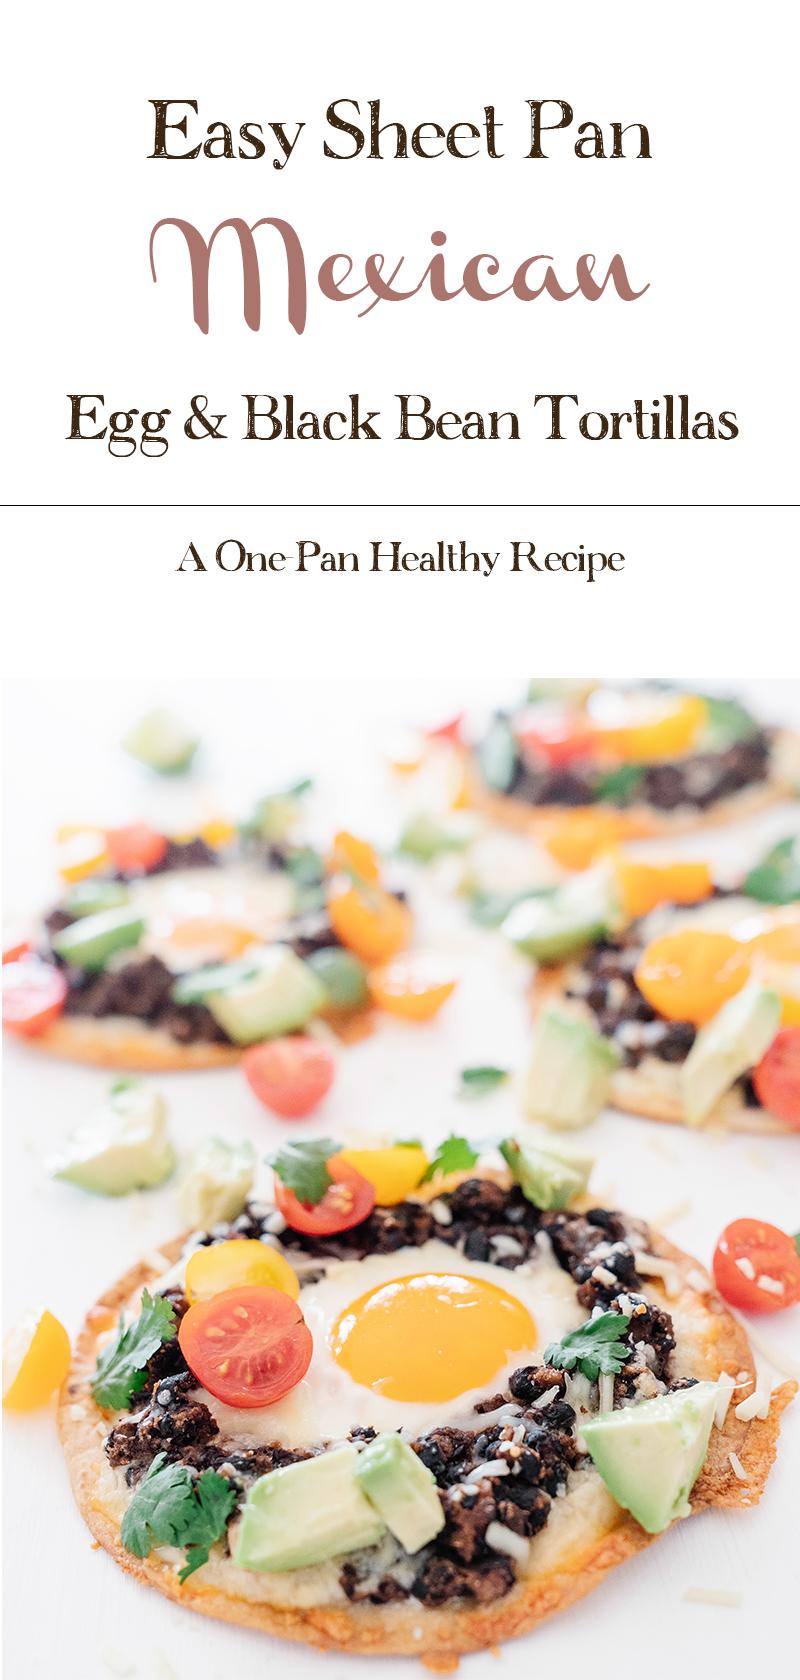 Easy-Sheet-Pan-Mexican-Egg-and-Black-Bean-Tortillas